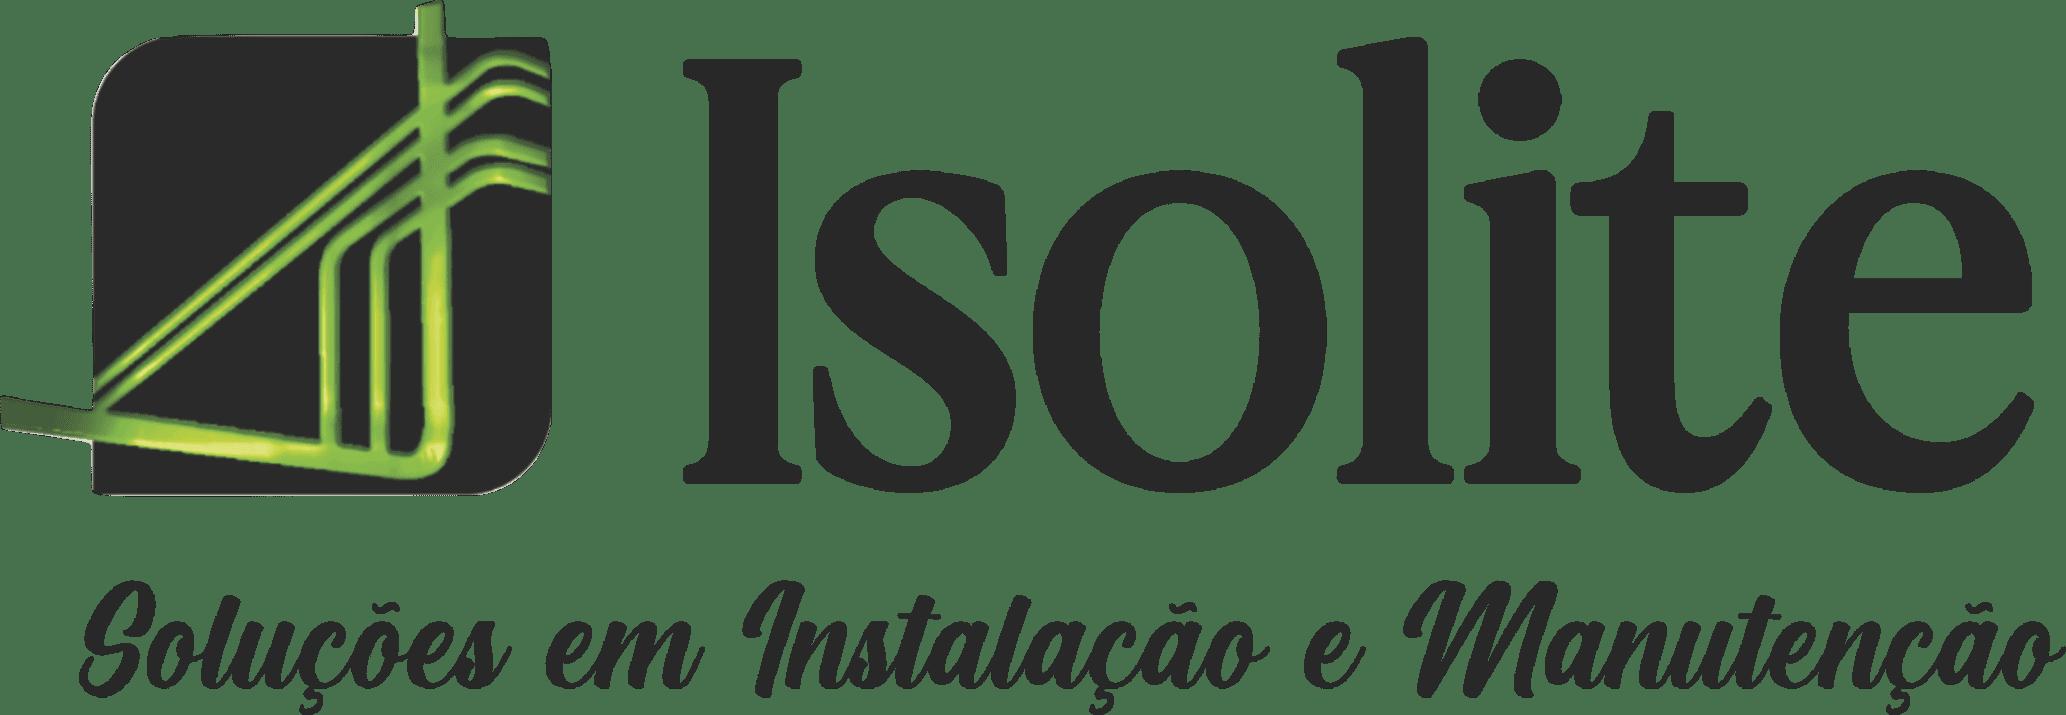 Soluções em Projetos, Instalação e Manutenção - Isolite